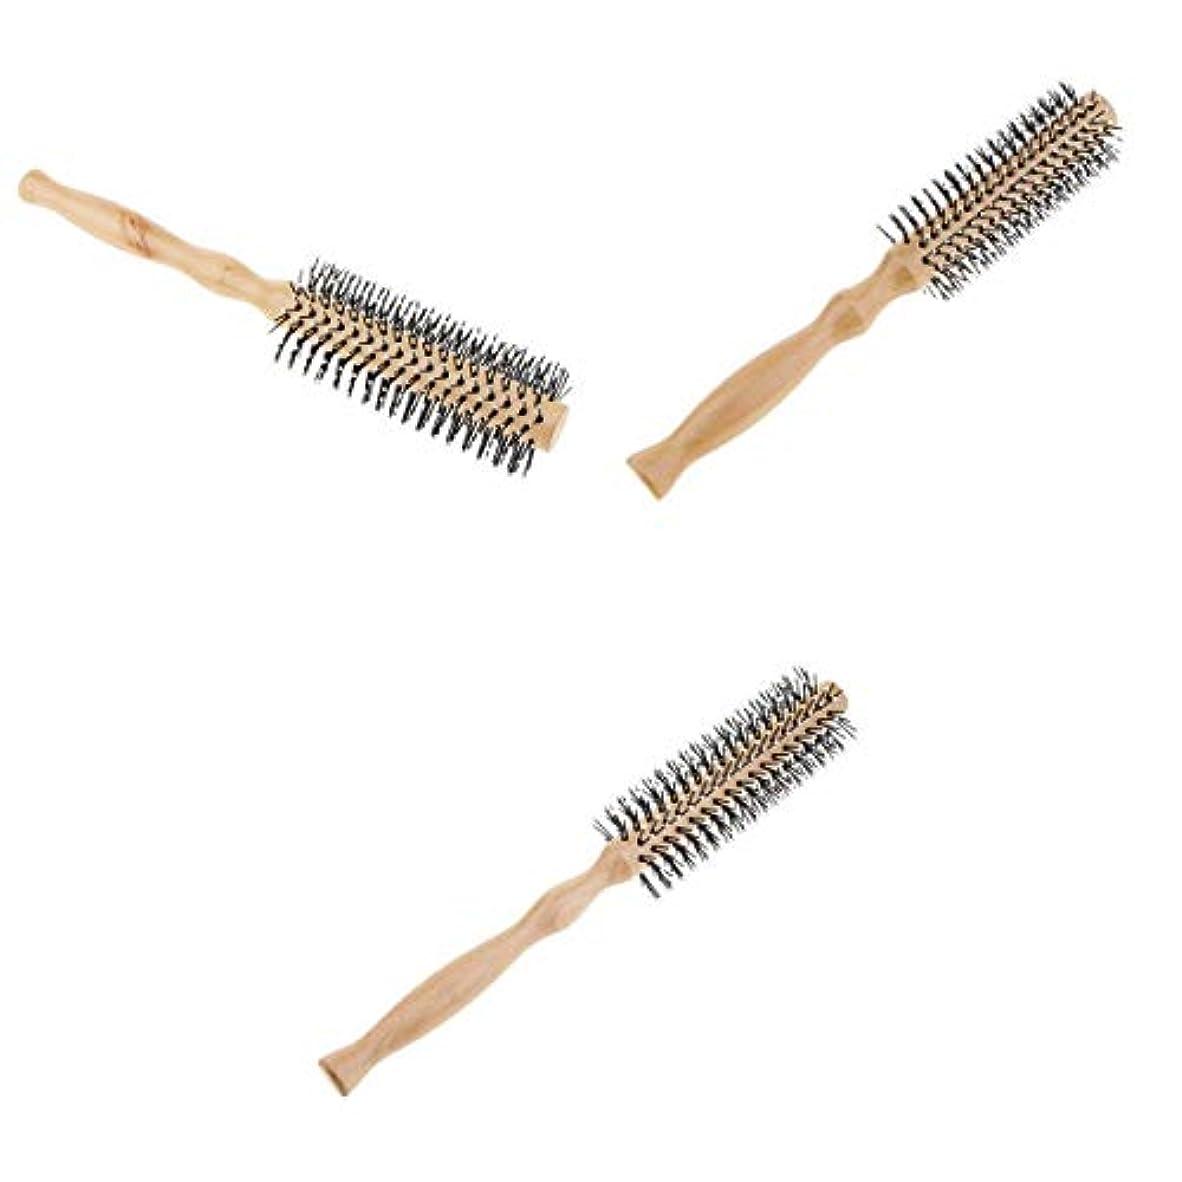 サービス回転リズムロールブラシ ヘアブラシ 木製櫛 スタイリングブラシ 巻き髪 静電気防止 3本セット